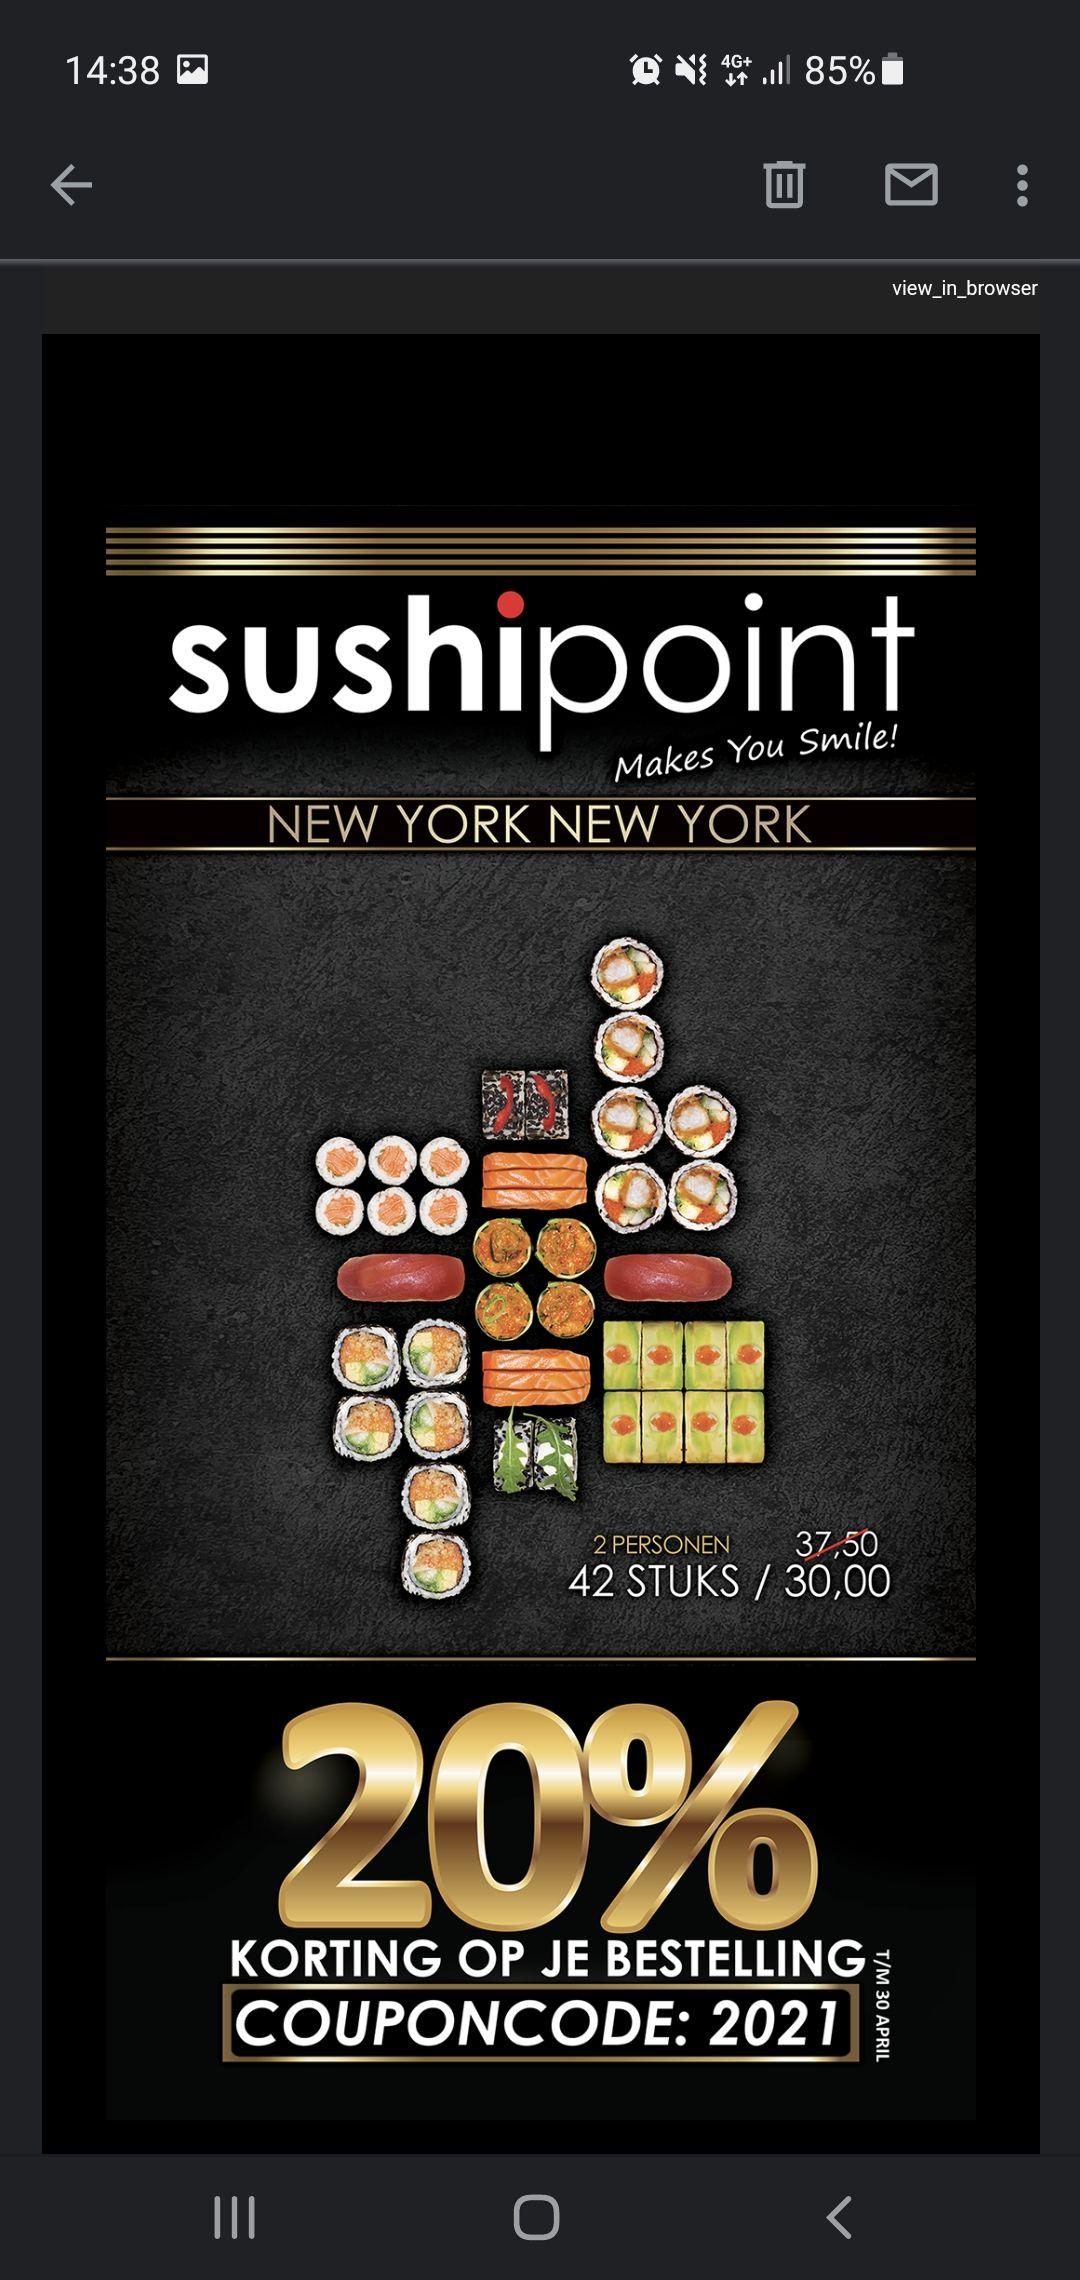 SushiPoint Capelle a/d IJssel | 20% KORTING op je bestelling!